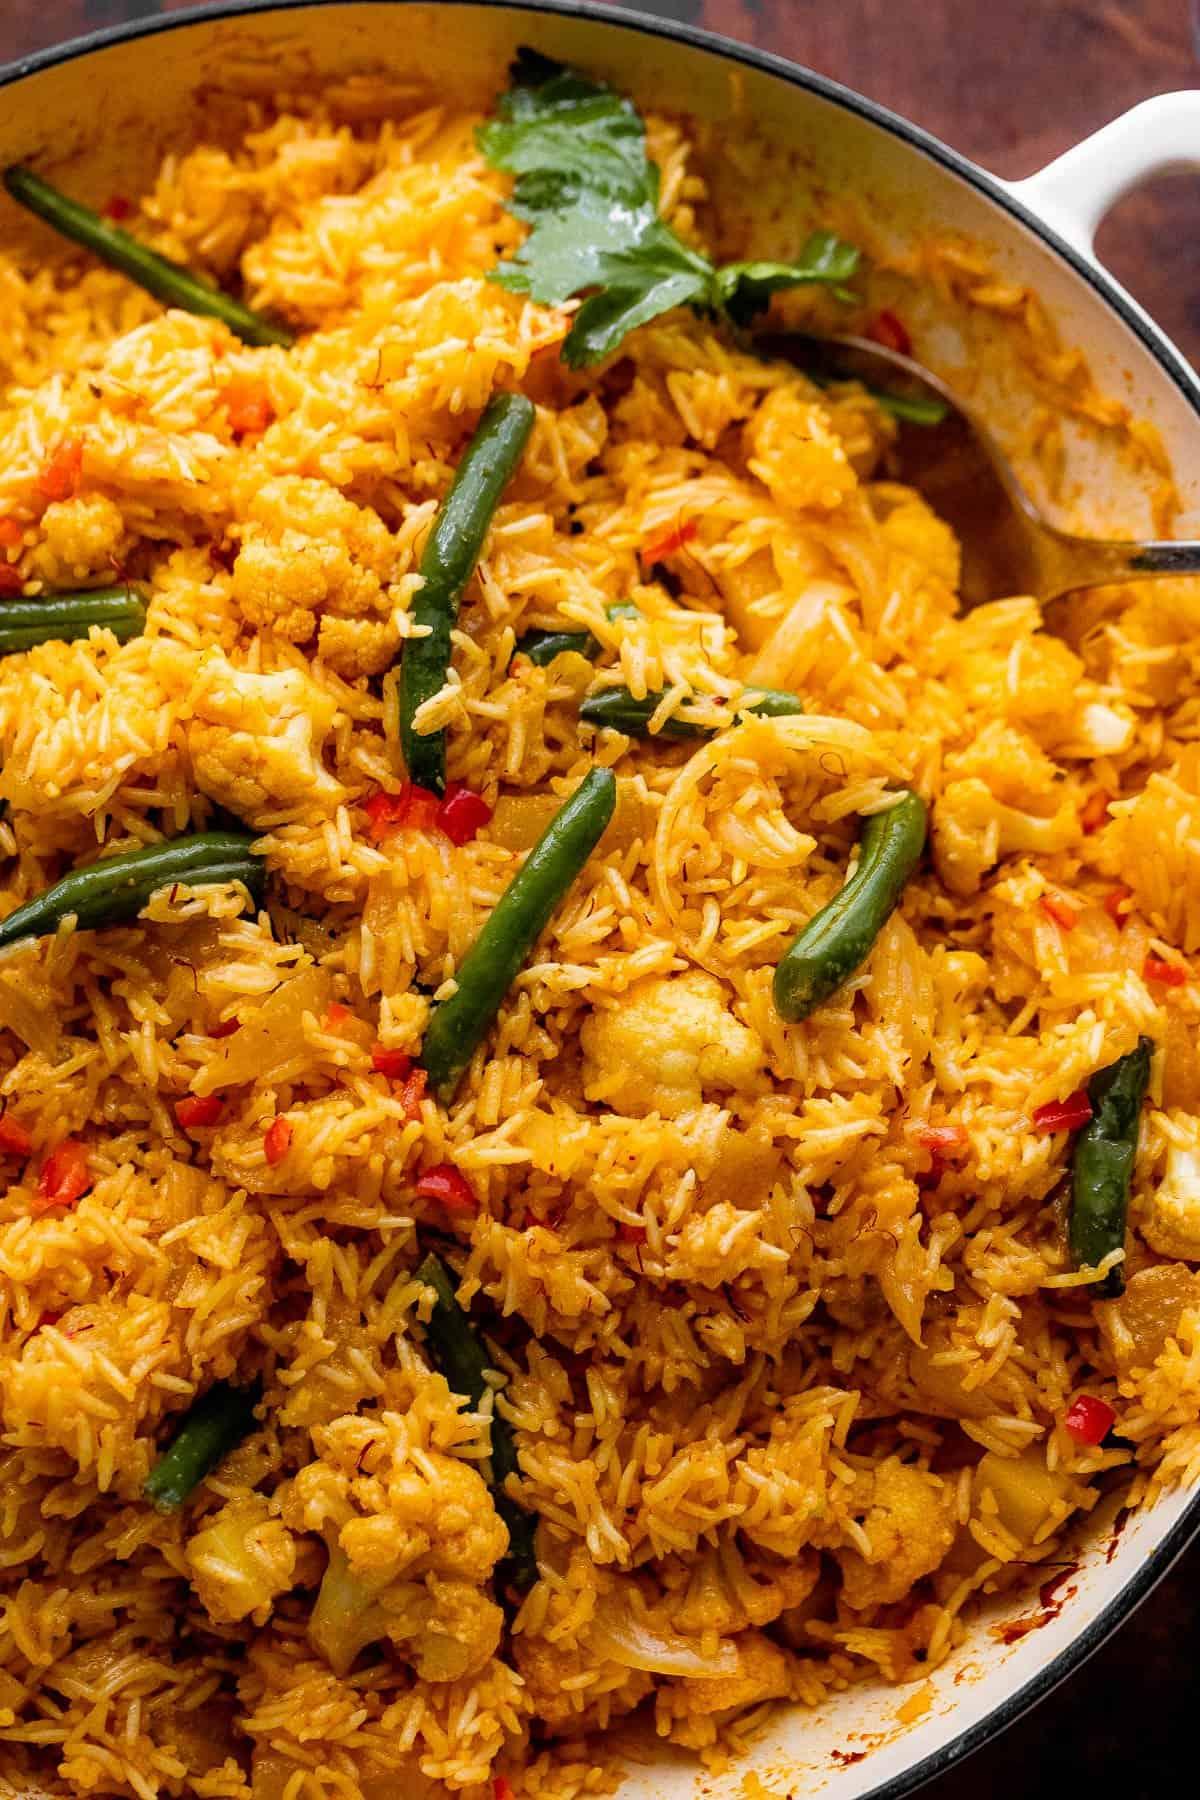 Spoon in Vegetable Biryani Rice